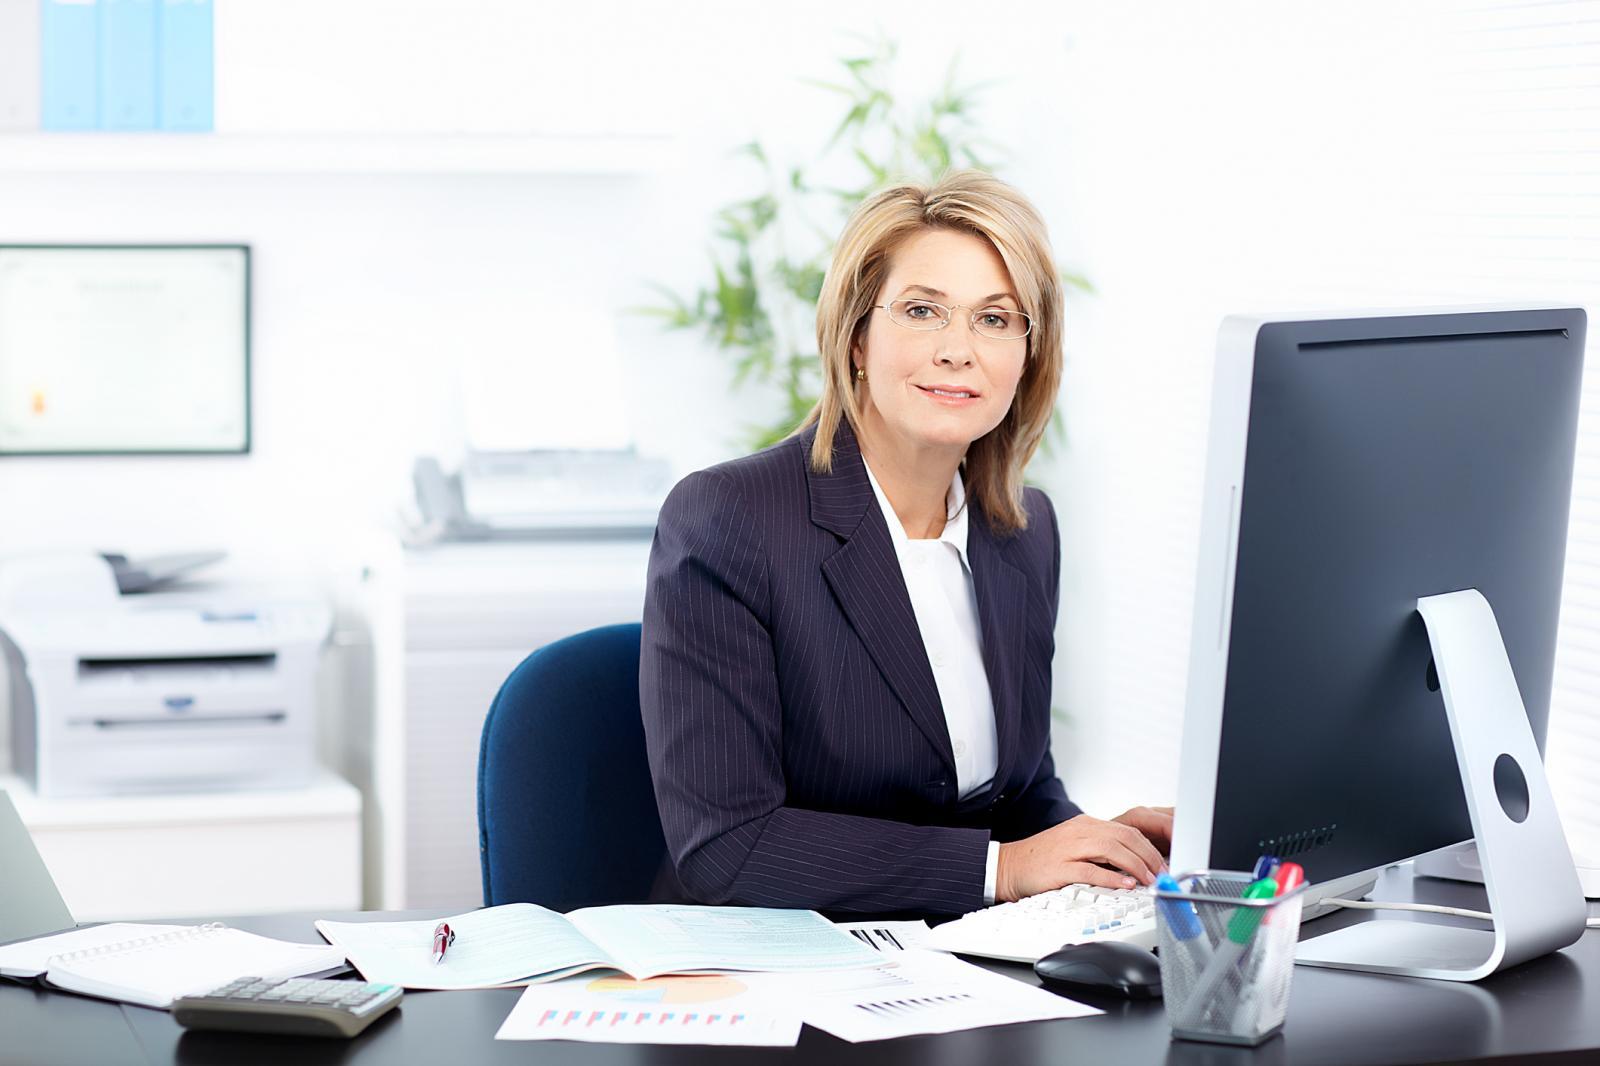 Удаленная работа налоговый консультант вакансии фриланс или удаленная работа